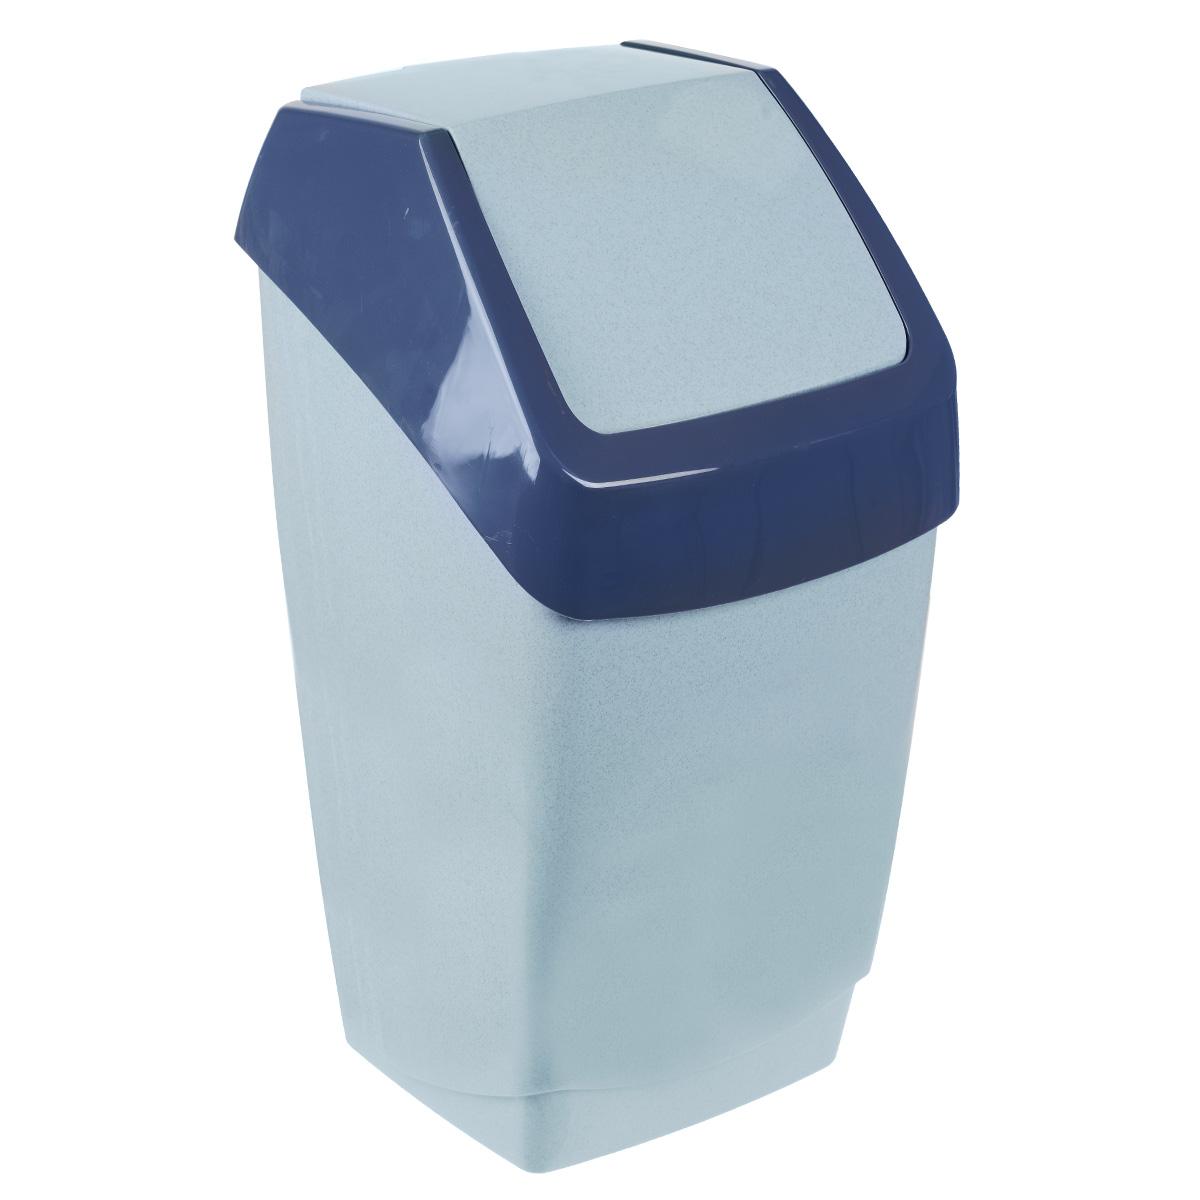 Контейнер для мусора Idea Хапс, цвет: голубой мрамор, 25 лUP210DFКонтейнер для мусора Idea Хапс изготовлен из прочного полипропилена (пластика). Контейнер снабжен удобной съемной крышкой с подвижной перегородкой. Благодаря лаконичному дизайну такой контейнер идеально впишется в интерьер и дома, и офиса.